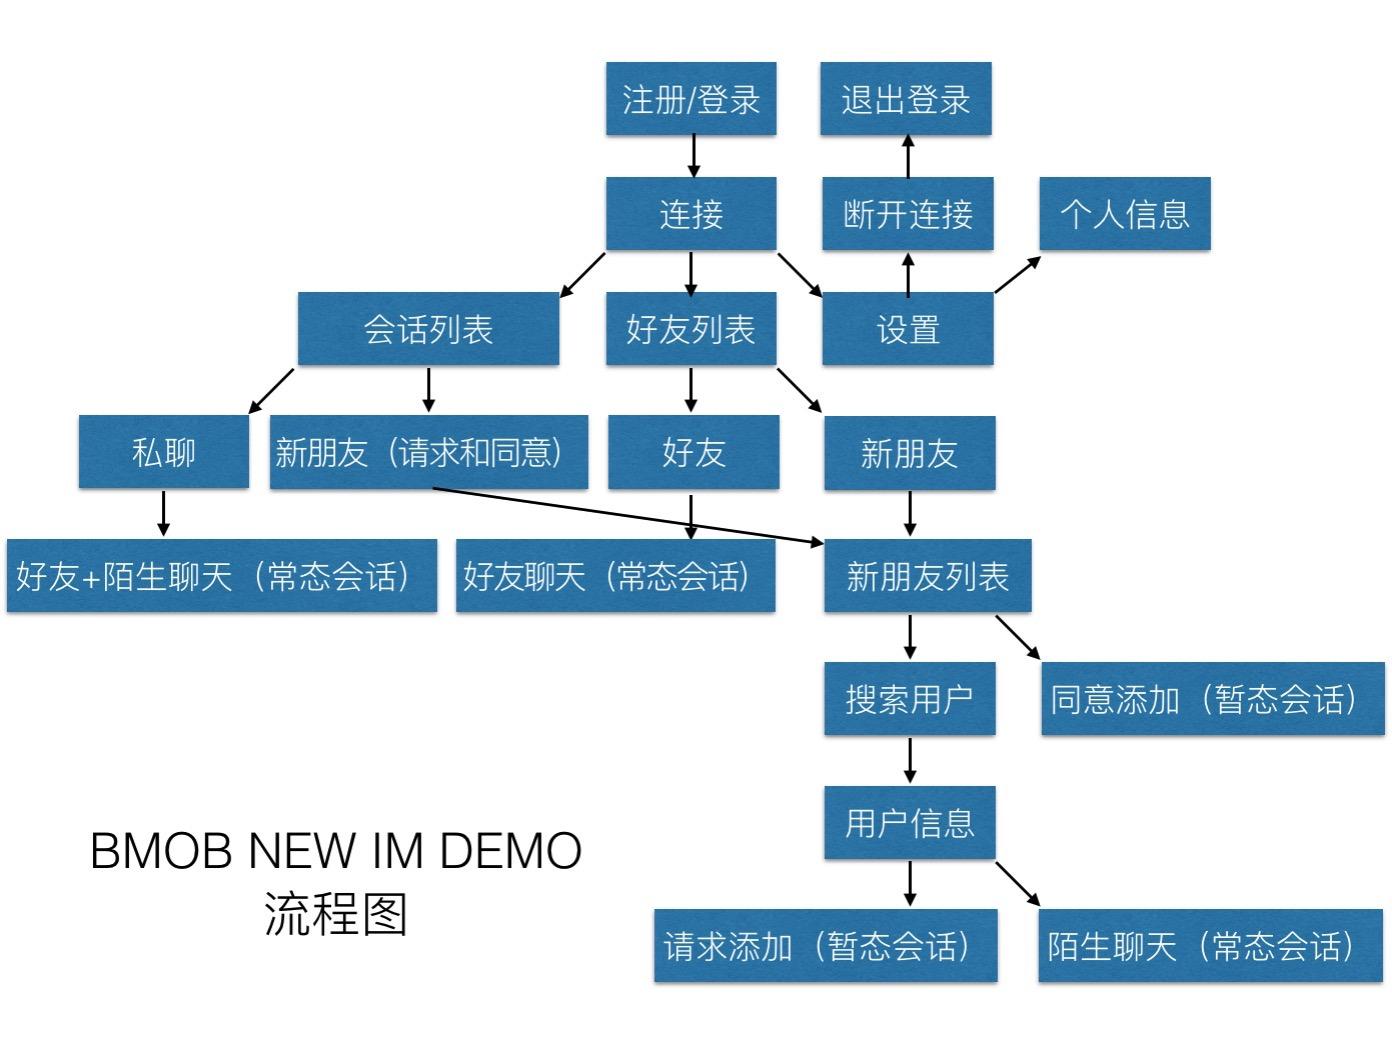 案例流程图